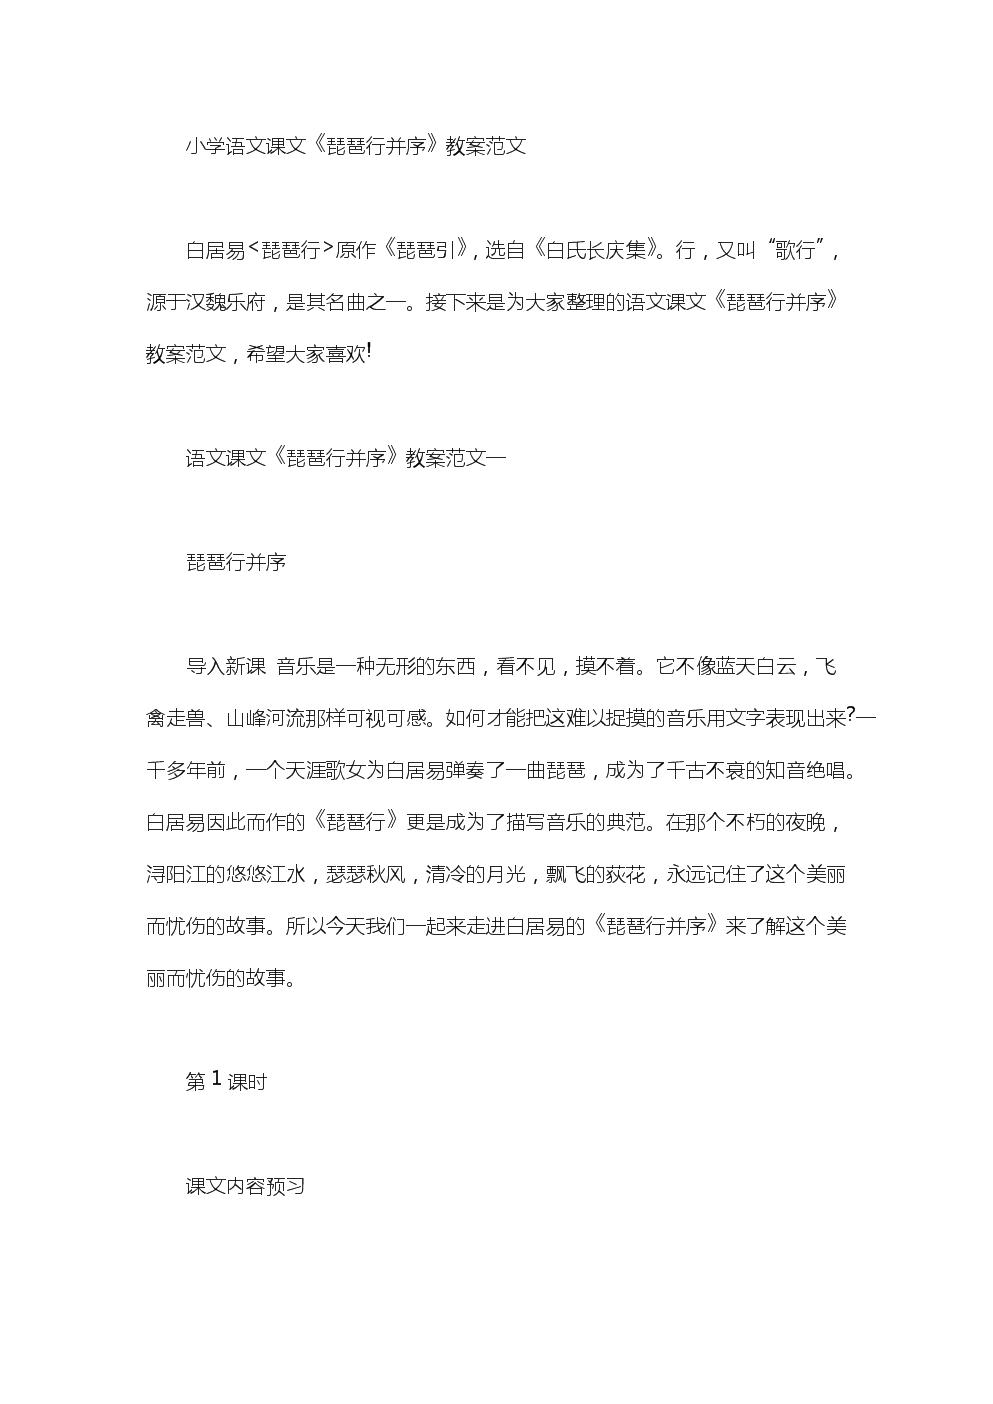 小学语文课文《琵琶行并序》教案范文.doc